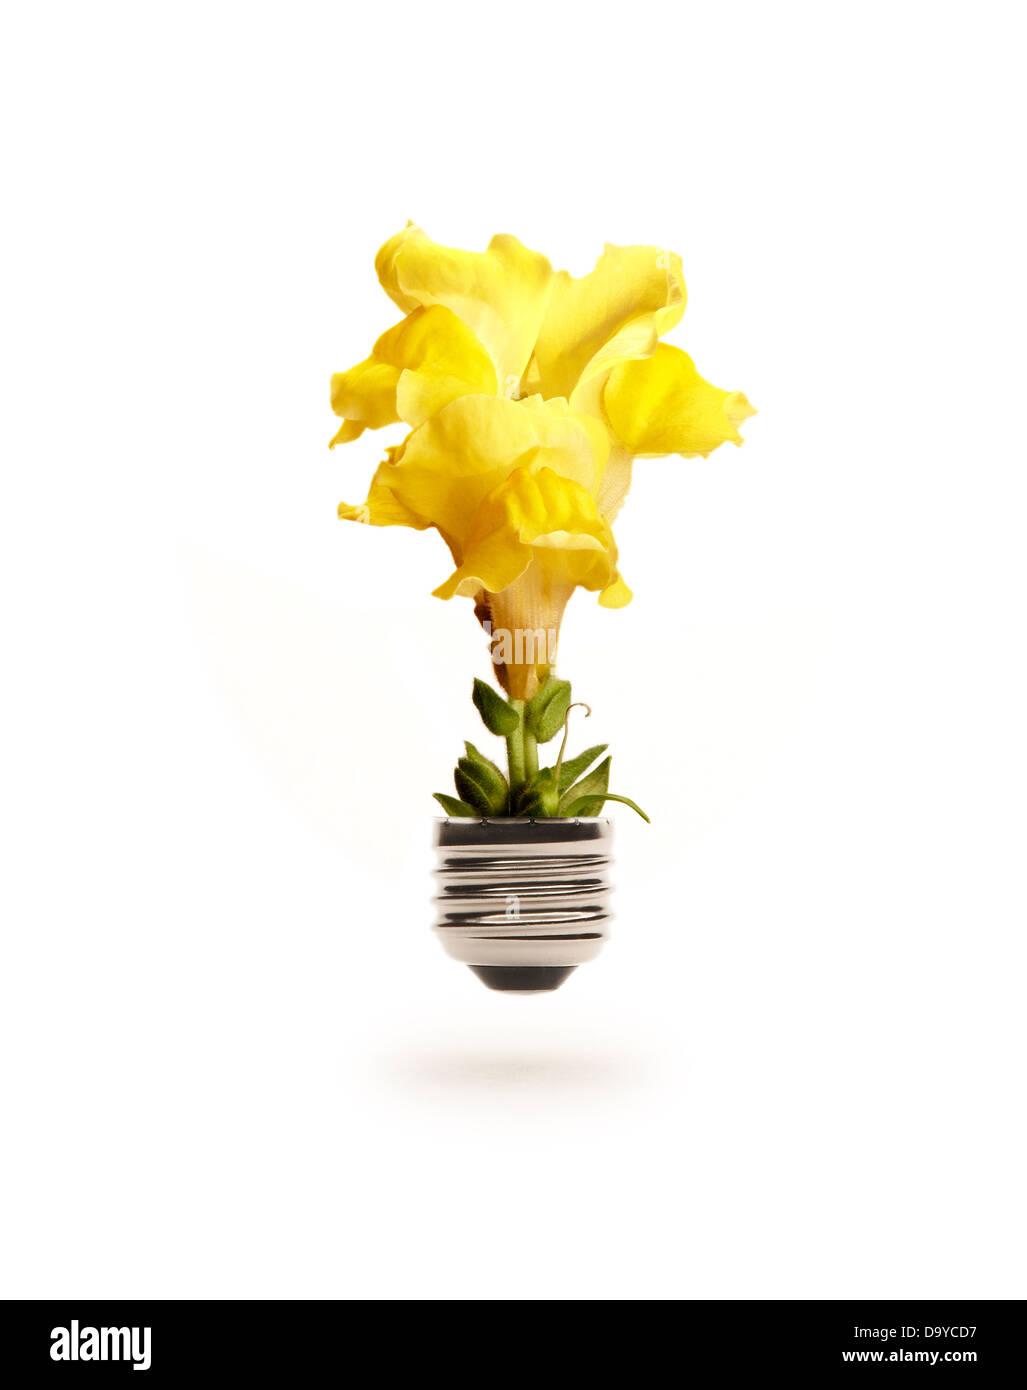 Flower Light Bulb - Stock Image